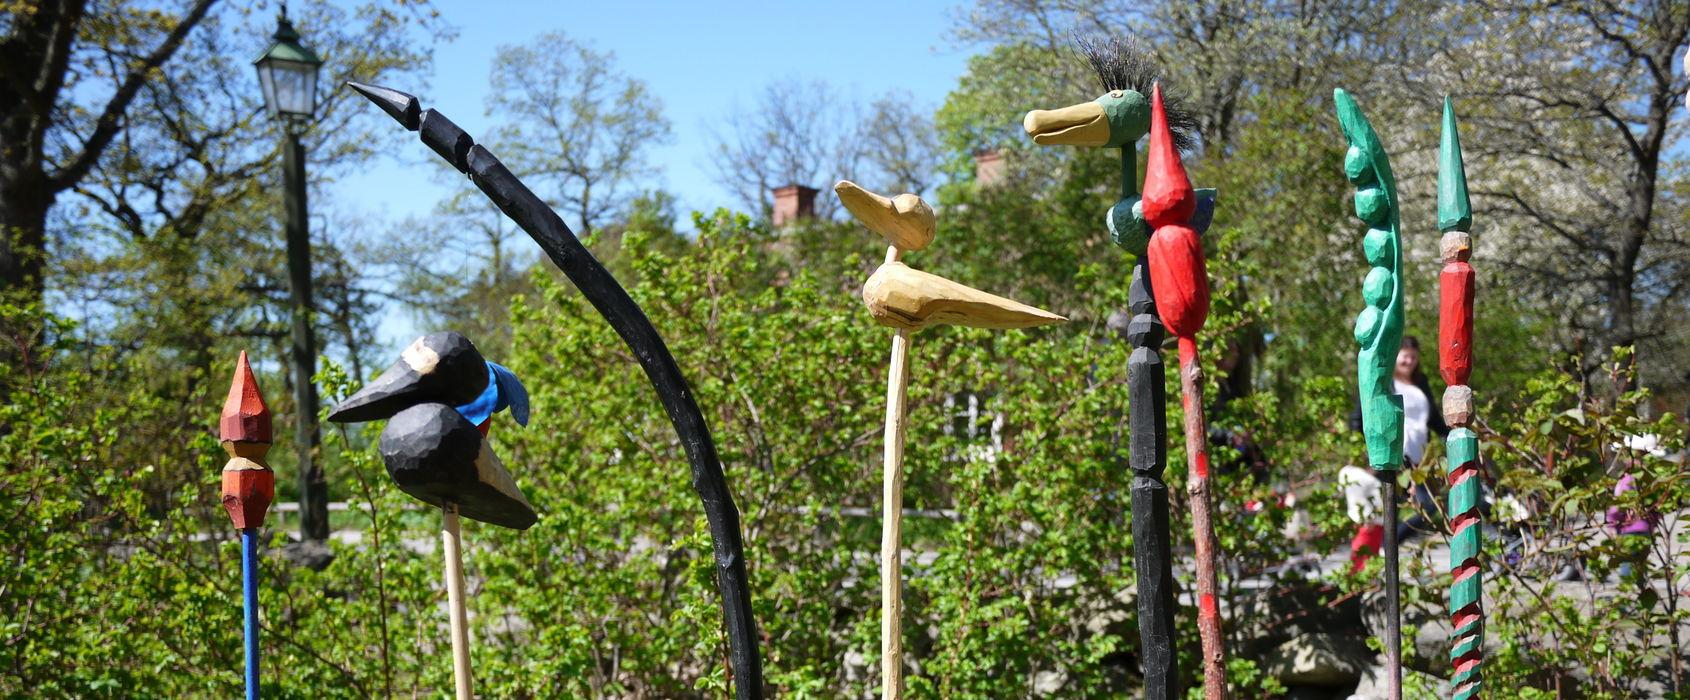 Trädgårdsslöjd på Skansen